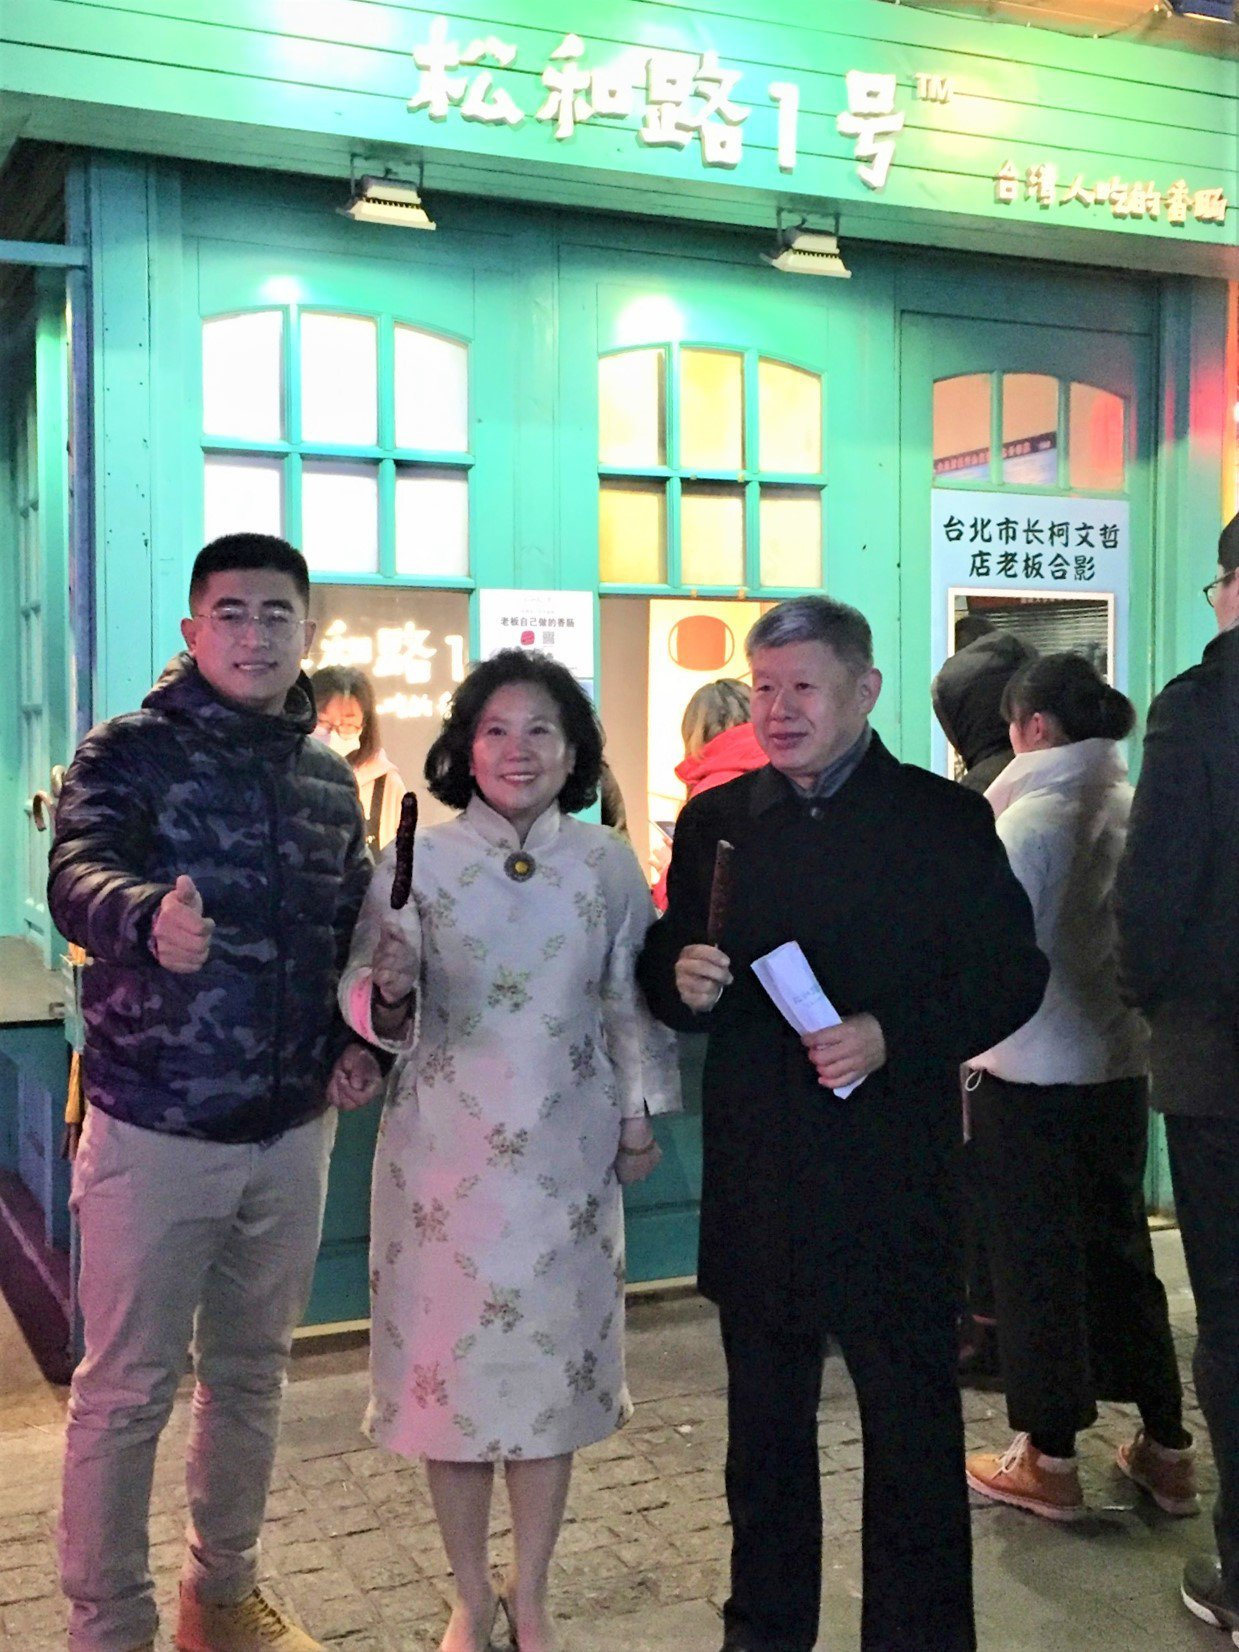 高雄餐旅大學校長林玥秀(中)2018年前往青島進行學術交流,到「松和路1號」店為...